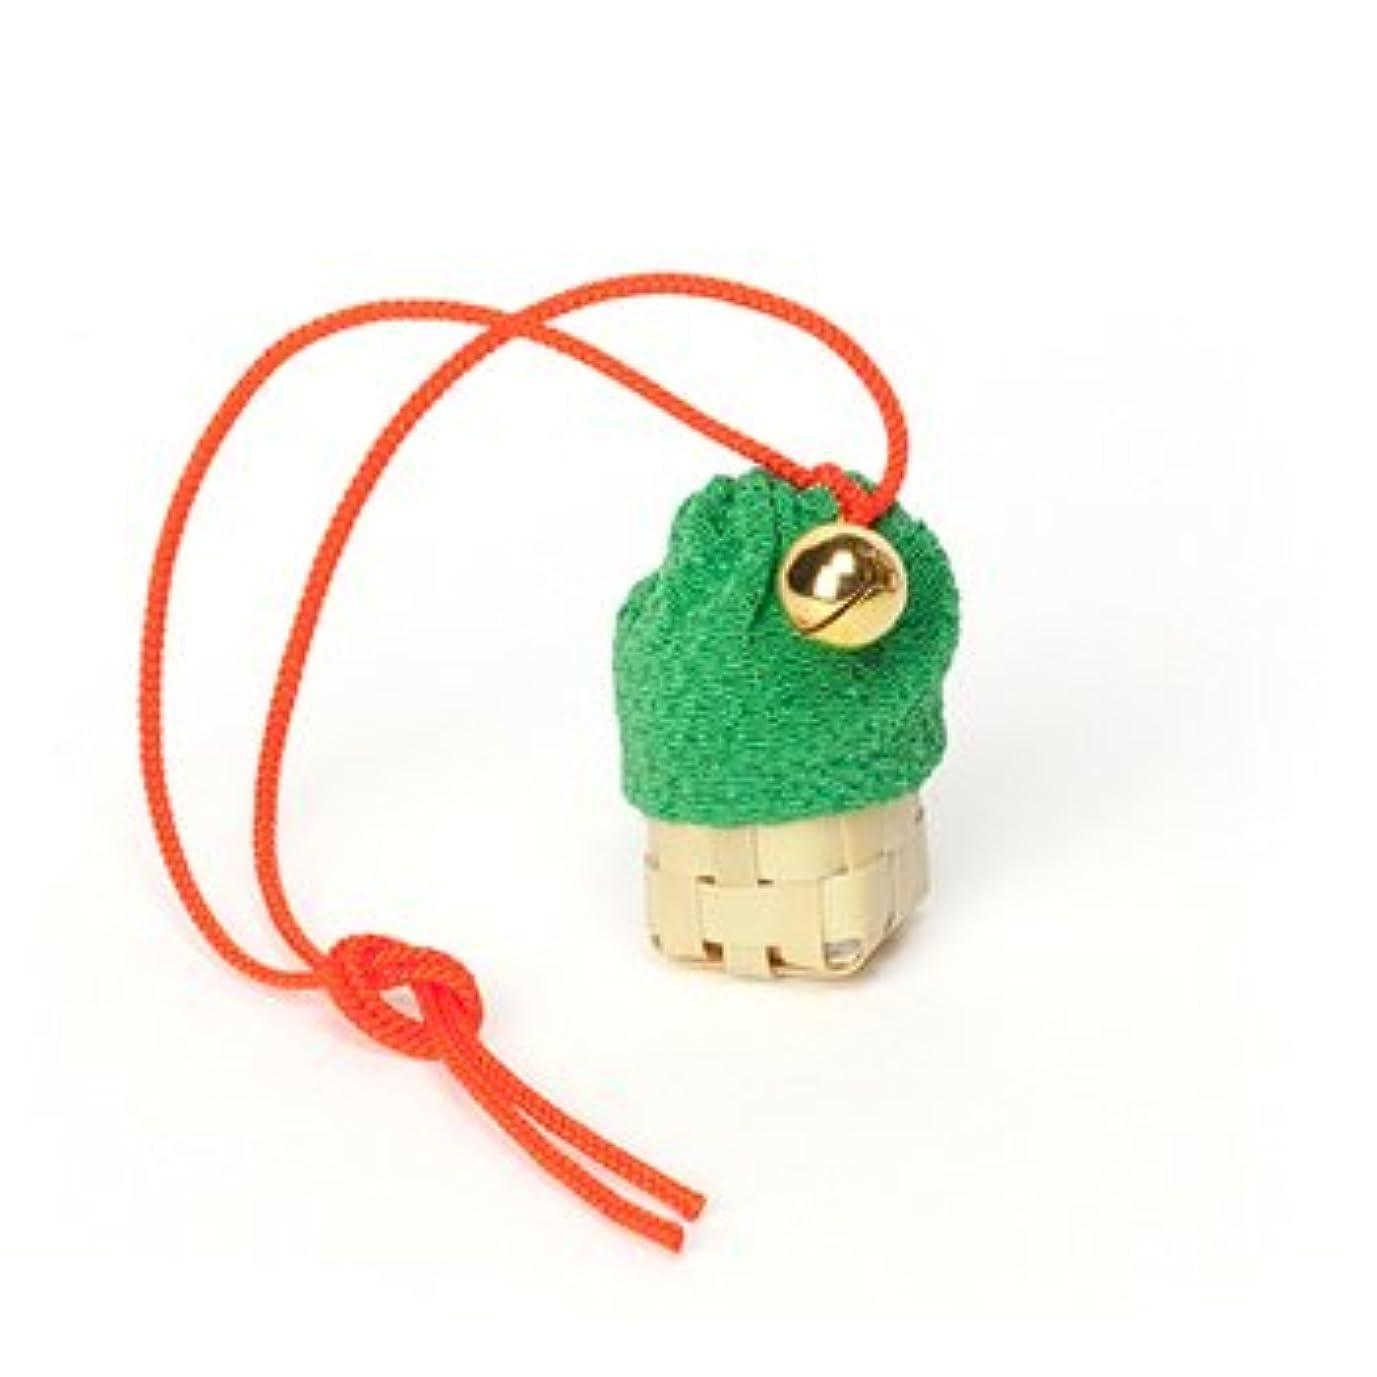 波紋慢性的放つ松栄堂 匂い袋 携帯用 ミニ籠 1個入 ケースなし (色をお選びください) (緑)